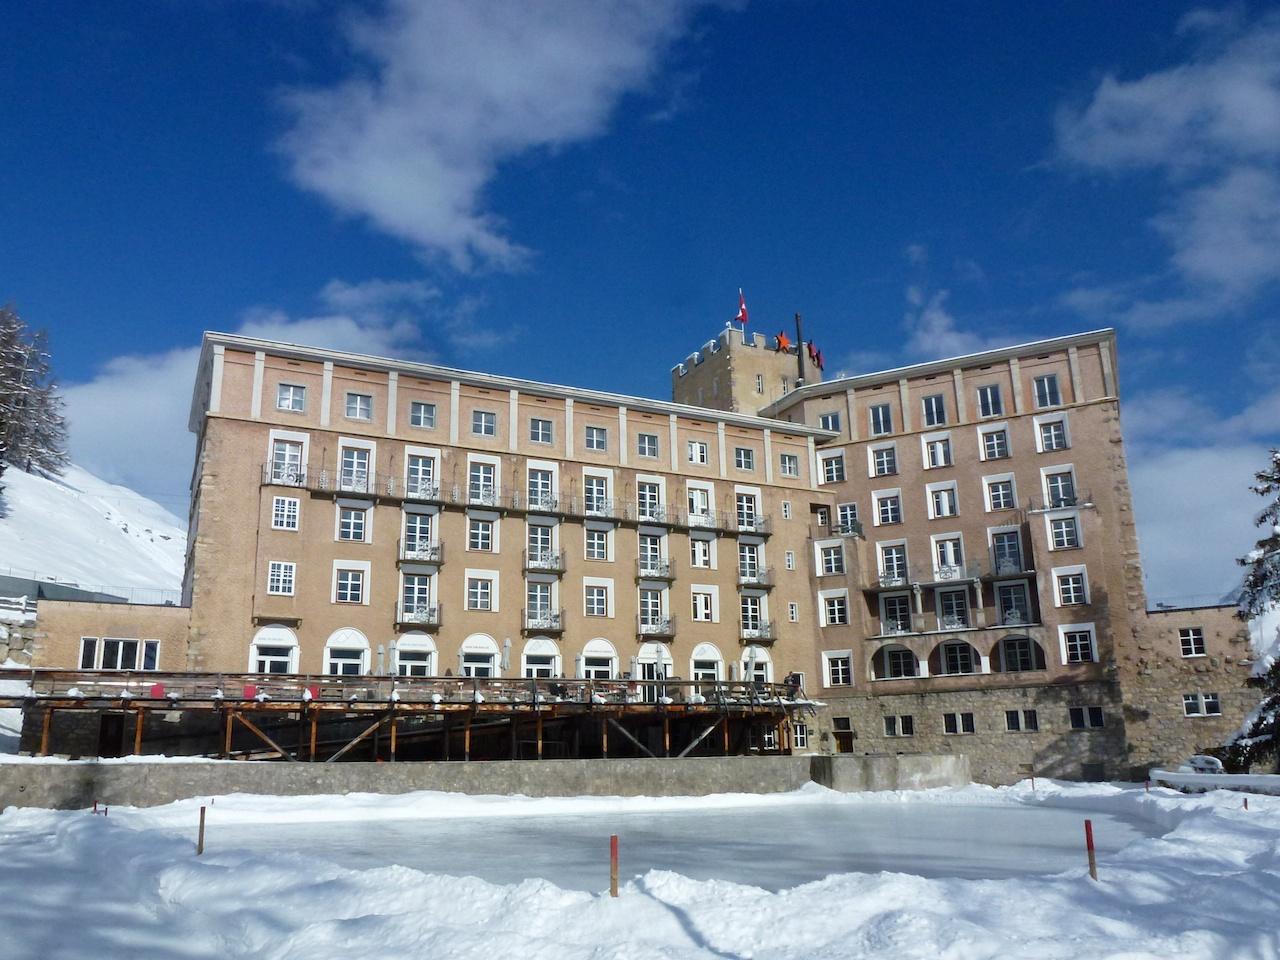 Hotel Castell Zuoz - Mit eigenem Eisfeld gleich vor der Sonnenterrasse